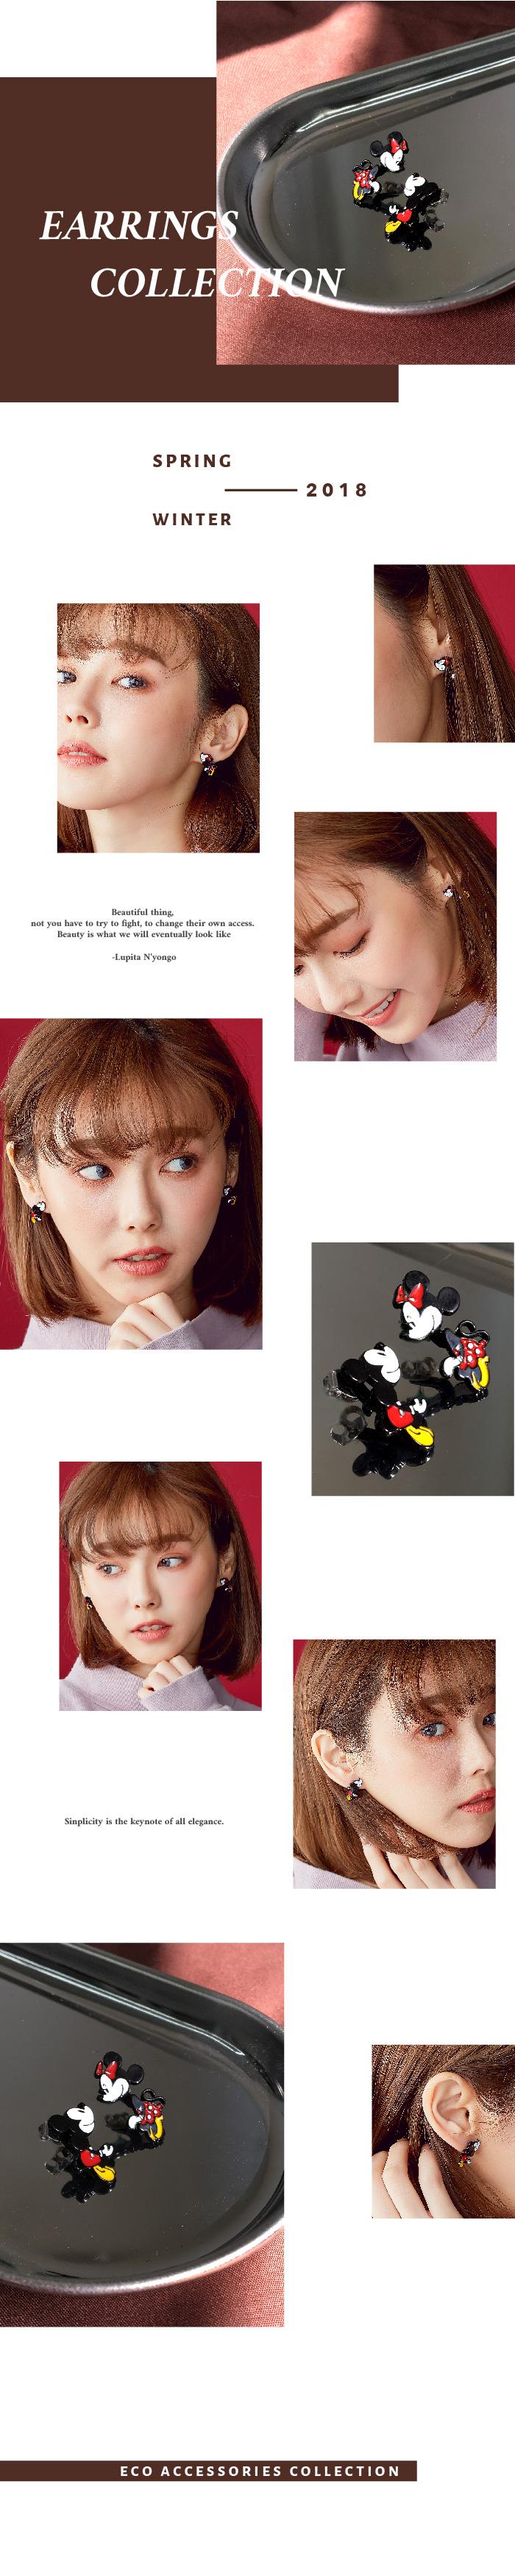 夾式耳環,耳夾,米奇耳環,米妮耳環,韓國耳環,不對稱耳環,童趣耳環,矽膠夾耳環,矽膠耳夾,eco安珂飾品,貼耳耳環